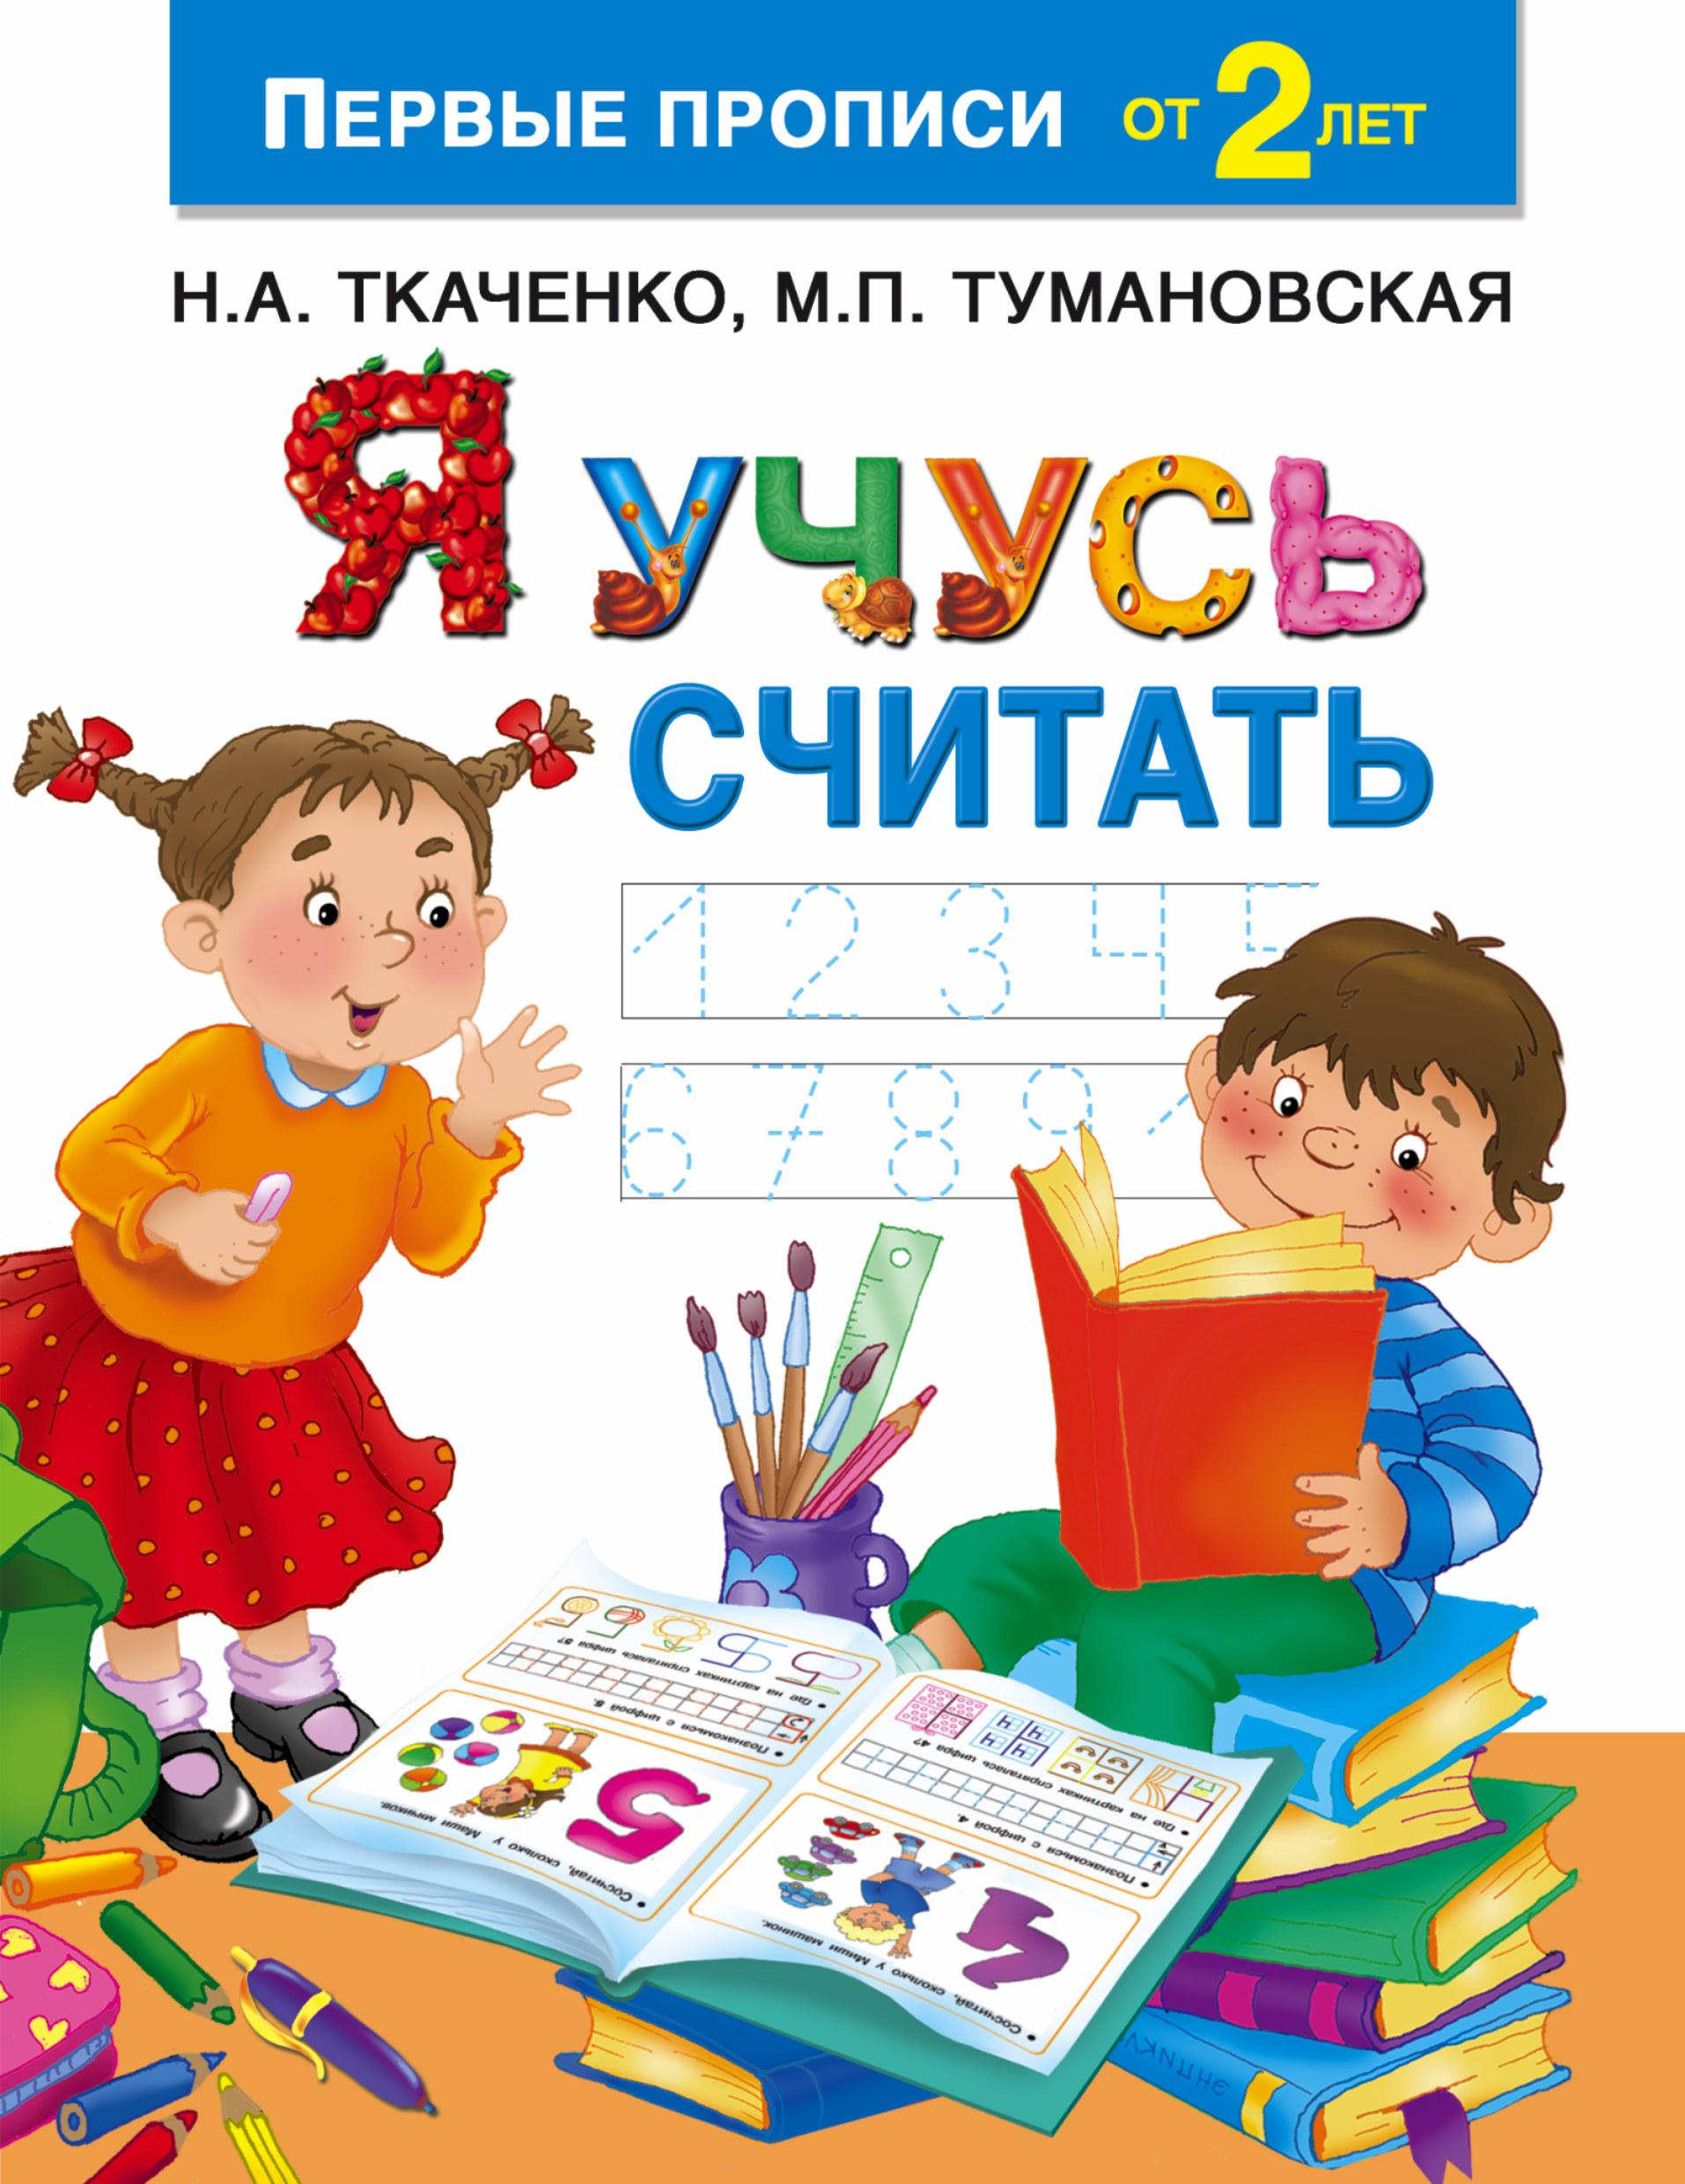 Ткаченко Н.А., Тумановская М.П. Я учусь считать ткаченко и бассет хаунд благородство и обаяние